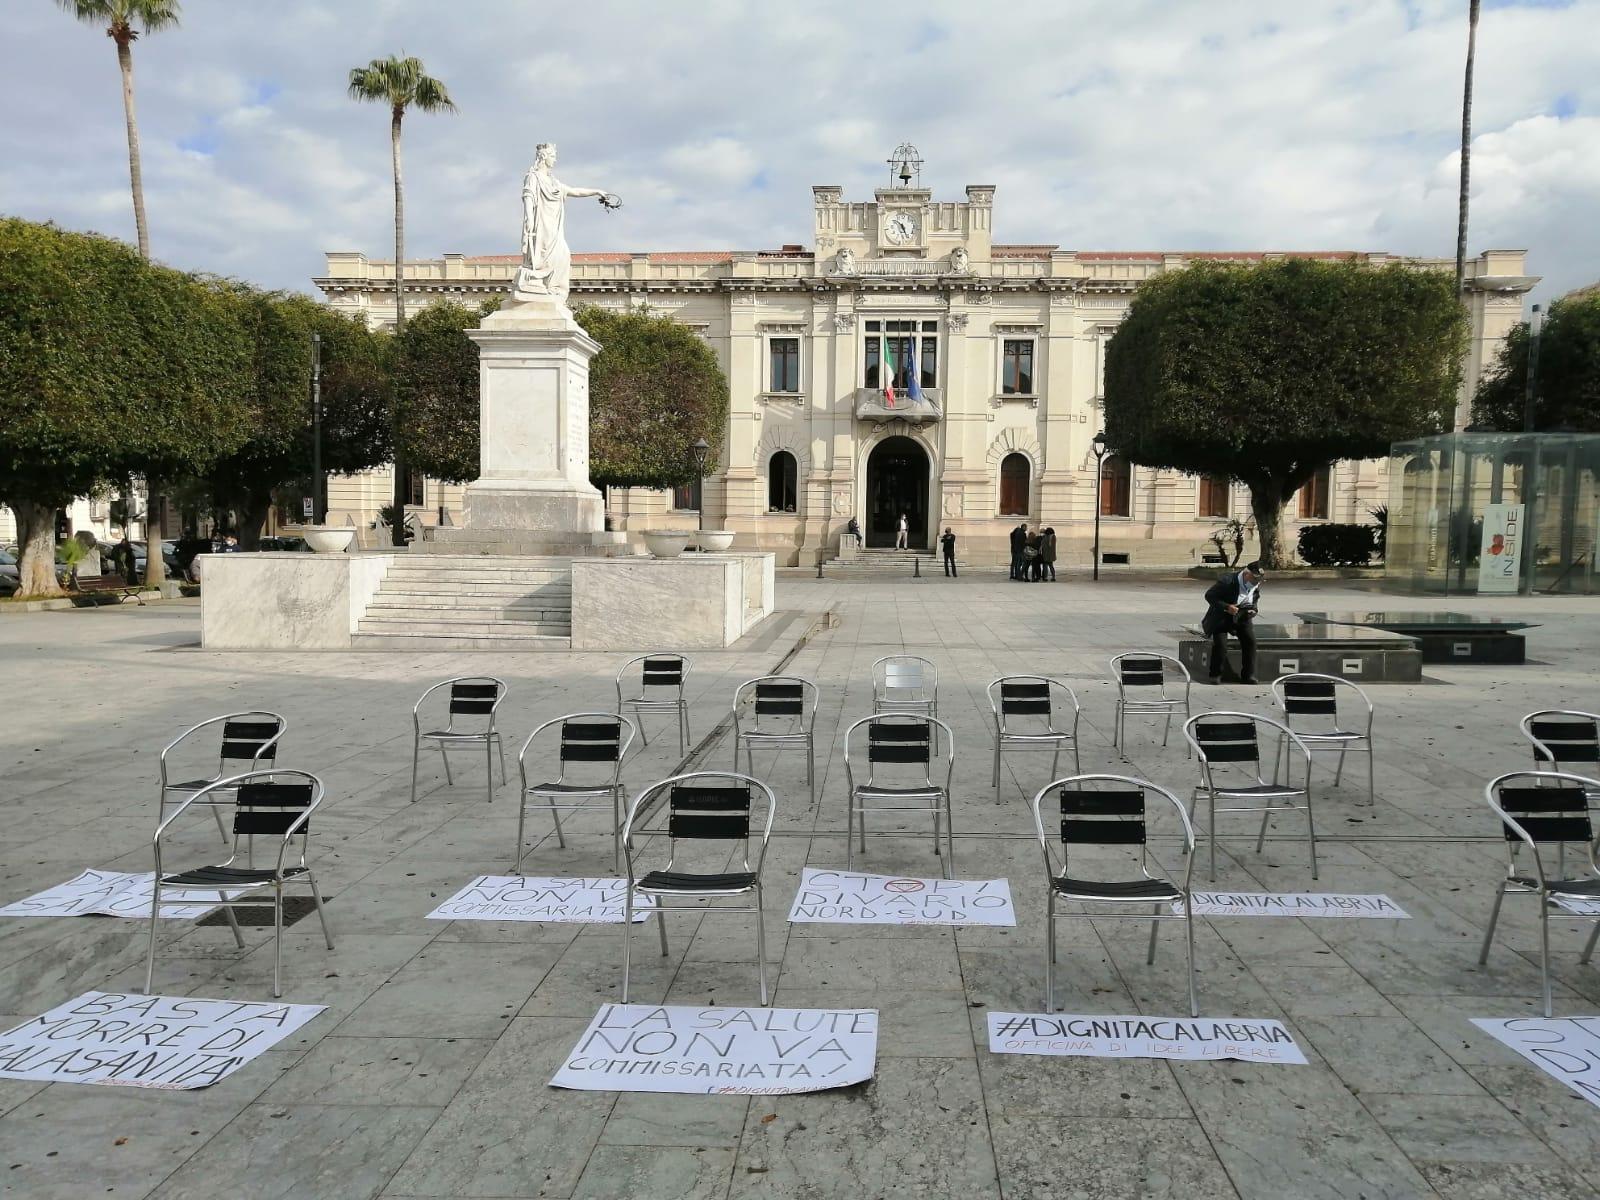 Sanità in Calabria, a Reggio si manifesta a sostegno dei sindaci a Roma